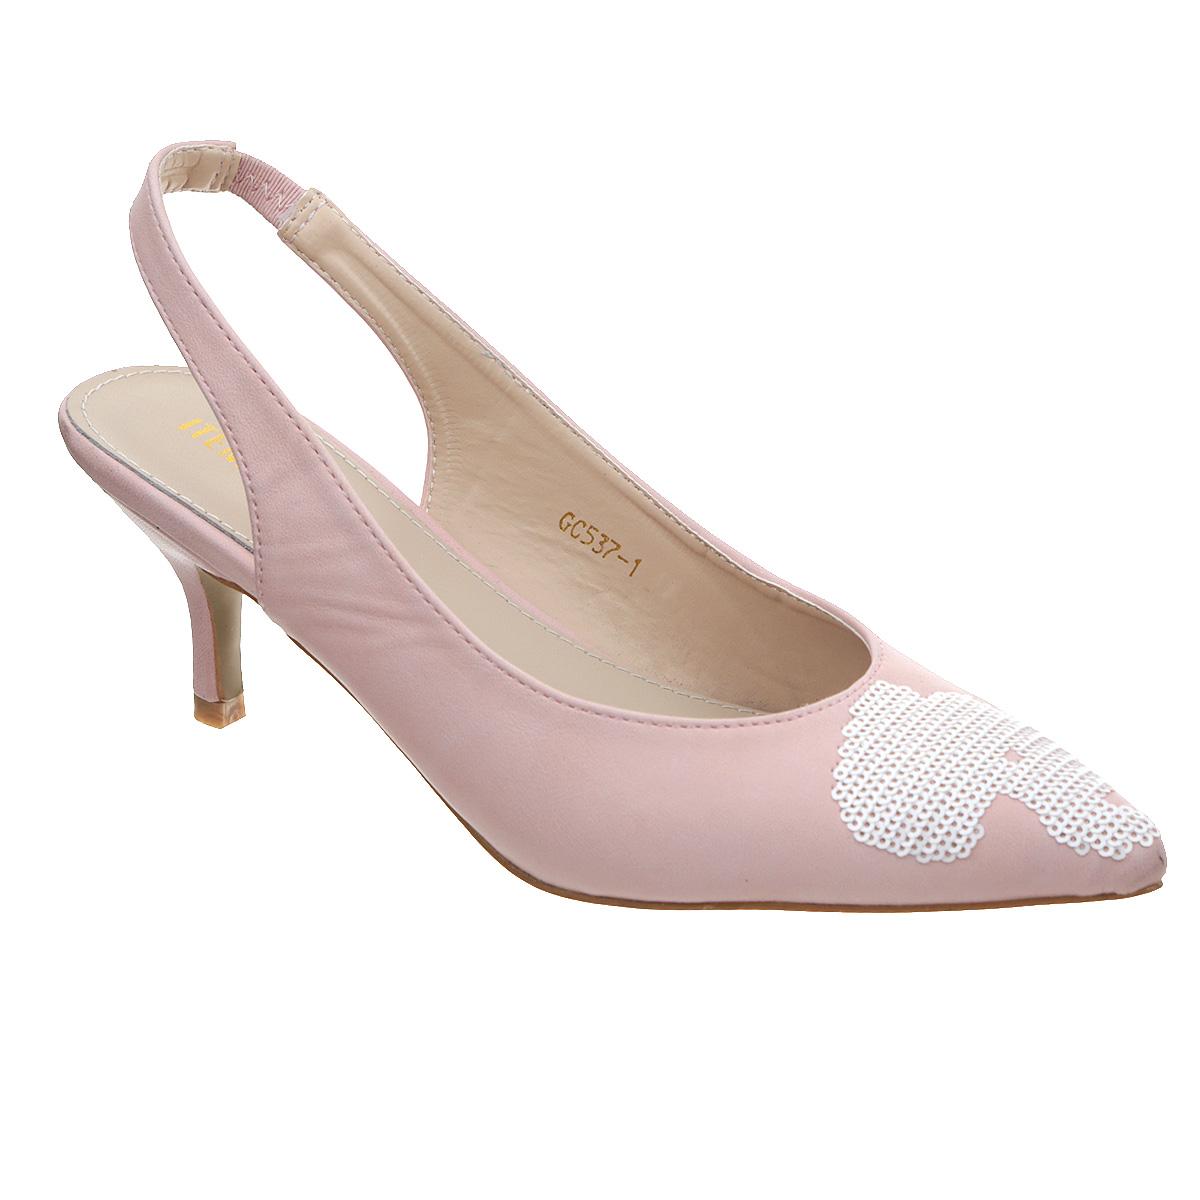 Туфли. GC-537-1GC-537-1Прелестные туфли от Itemblack заинтересуют вас с первого взгляда! Модель выполнена из искусственной кожи и оформлена россыпью пайеток на мысе. Заостренный носок внесет женственные нотки в ваш образ. Ремешок, дополненный резинкой, обеспечивает надежную фиксацию модели на щиколотке. Стелька из искусственной кожи комфортна при движении. Невысокий каблук устойчив. Рифленая поверхность подошвы защищает босоножки от скольжения. Стильные туфли - основа гардероба настоящей модницы.